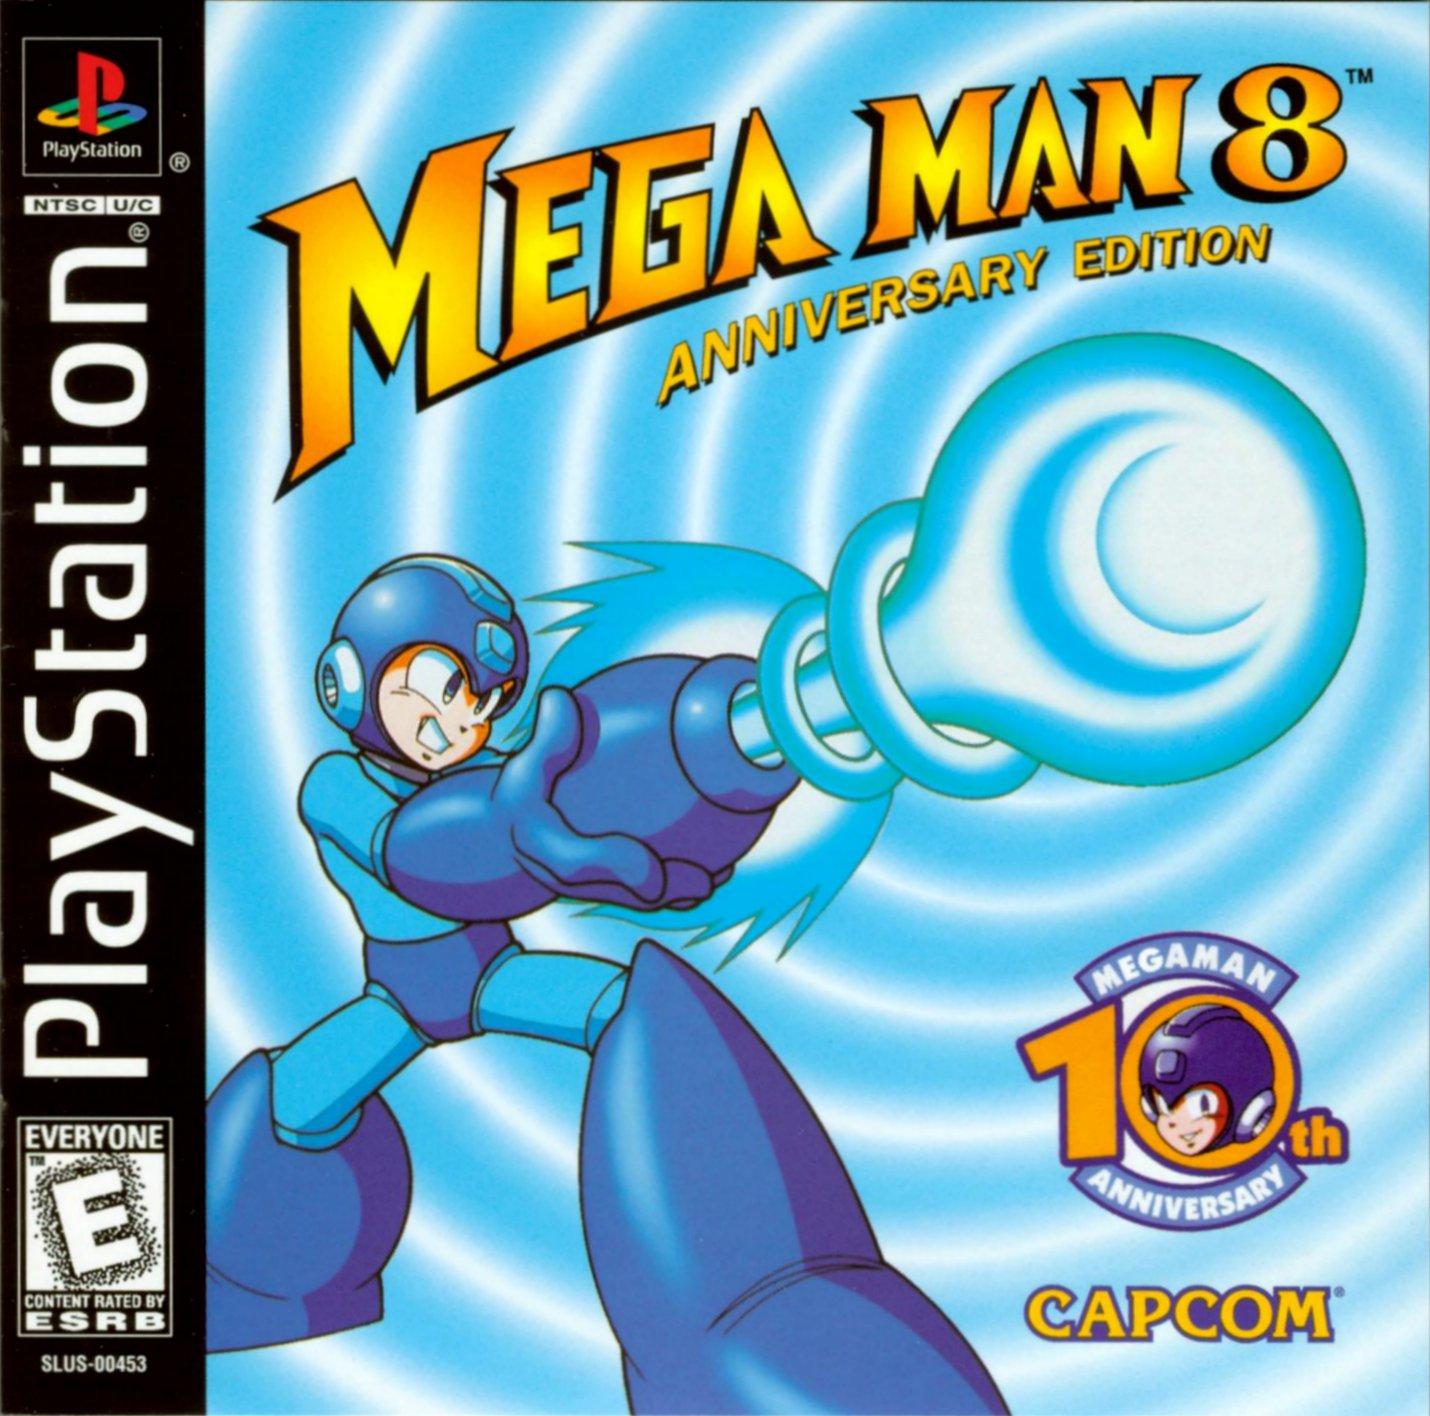 Megaman 8 [SLUS-00453]